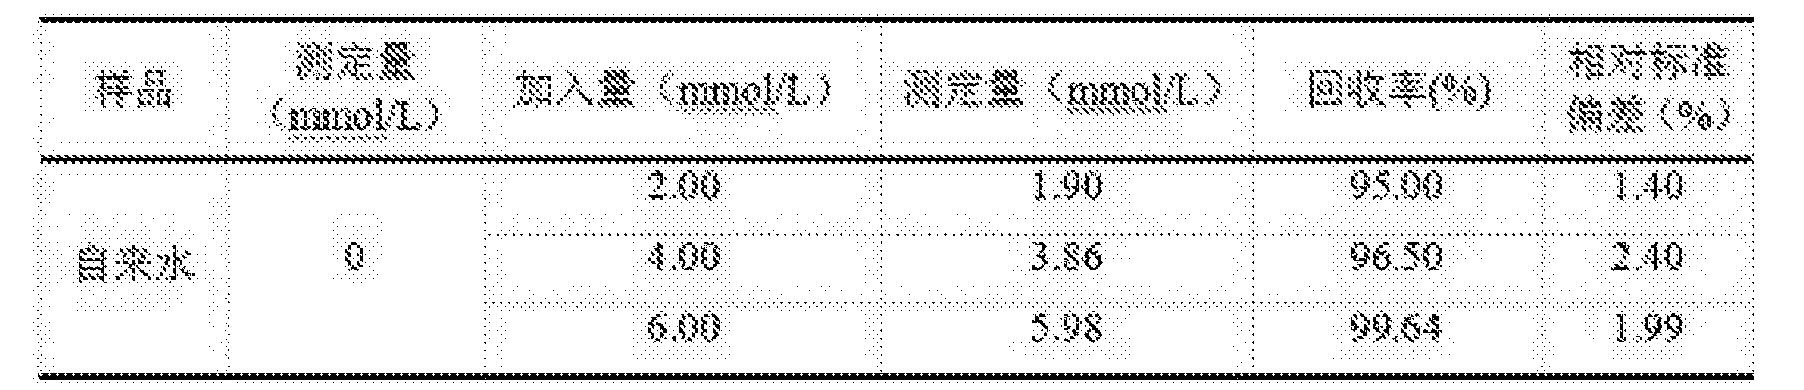 Figure CN105758917BD00064